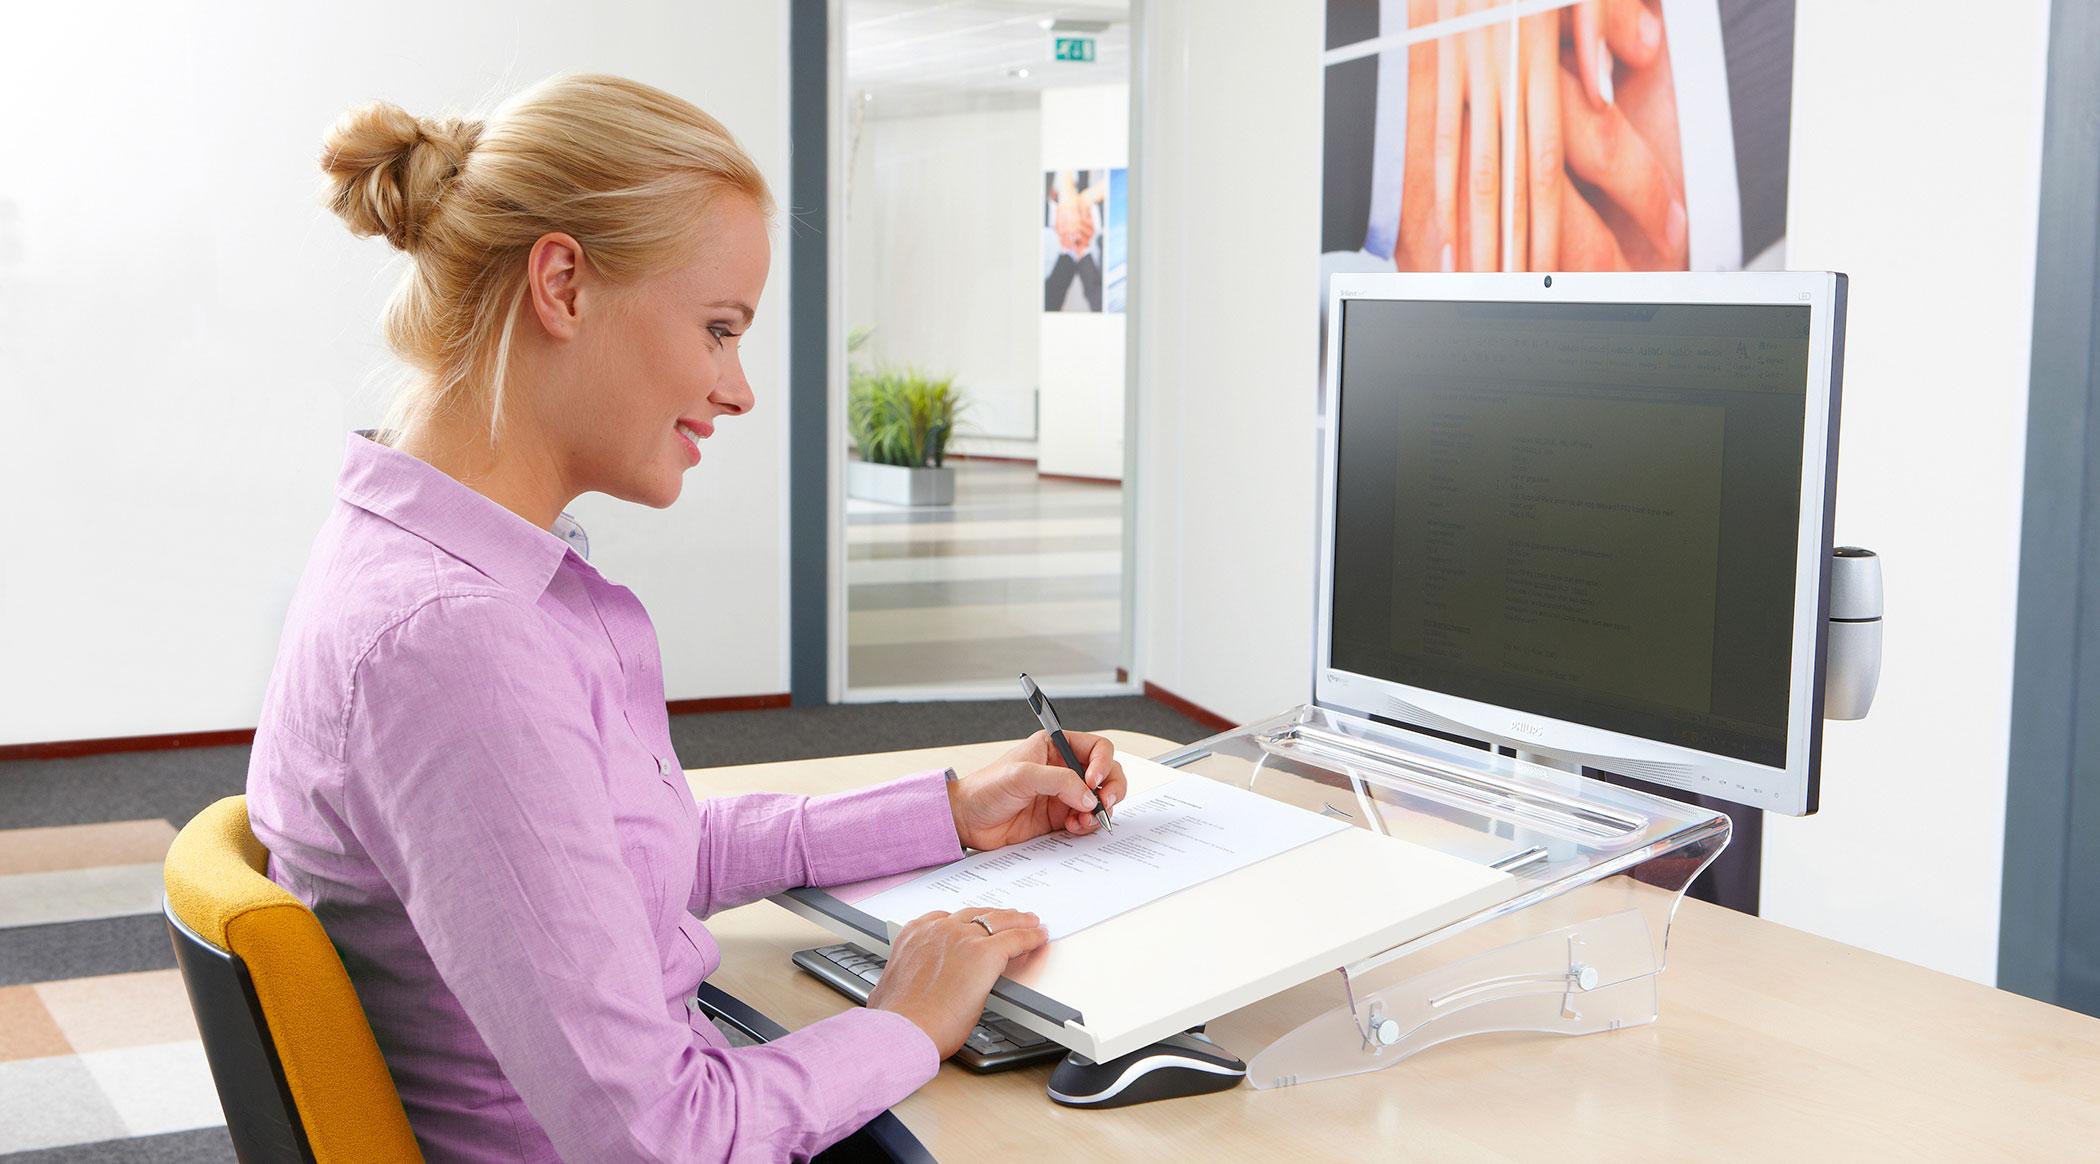 documenthouder-flexdesk-640-ergonomische-hulpmiddelen